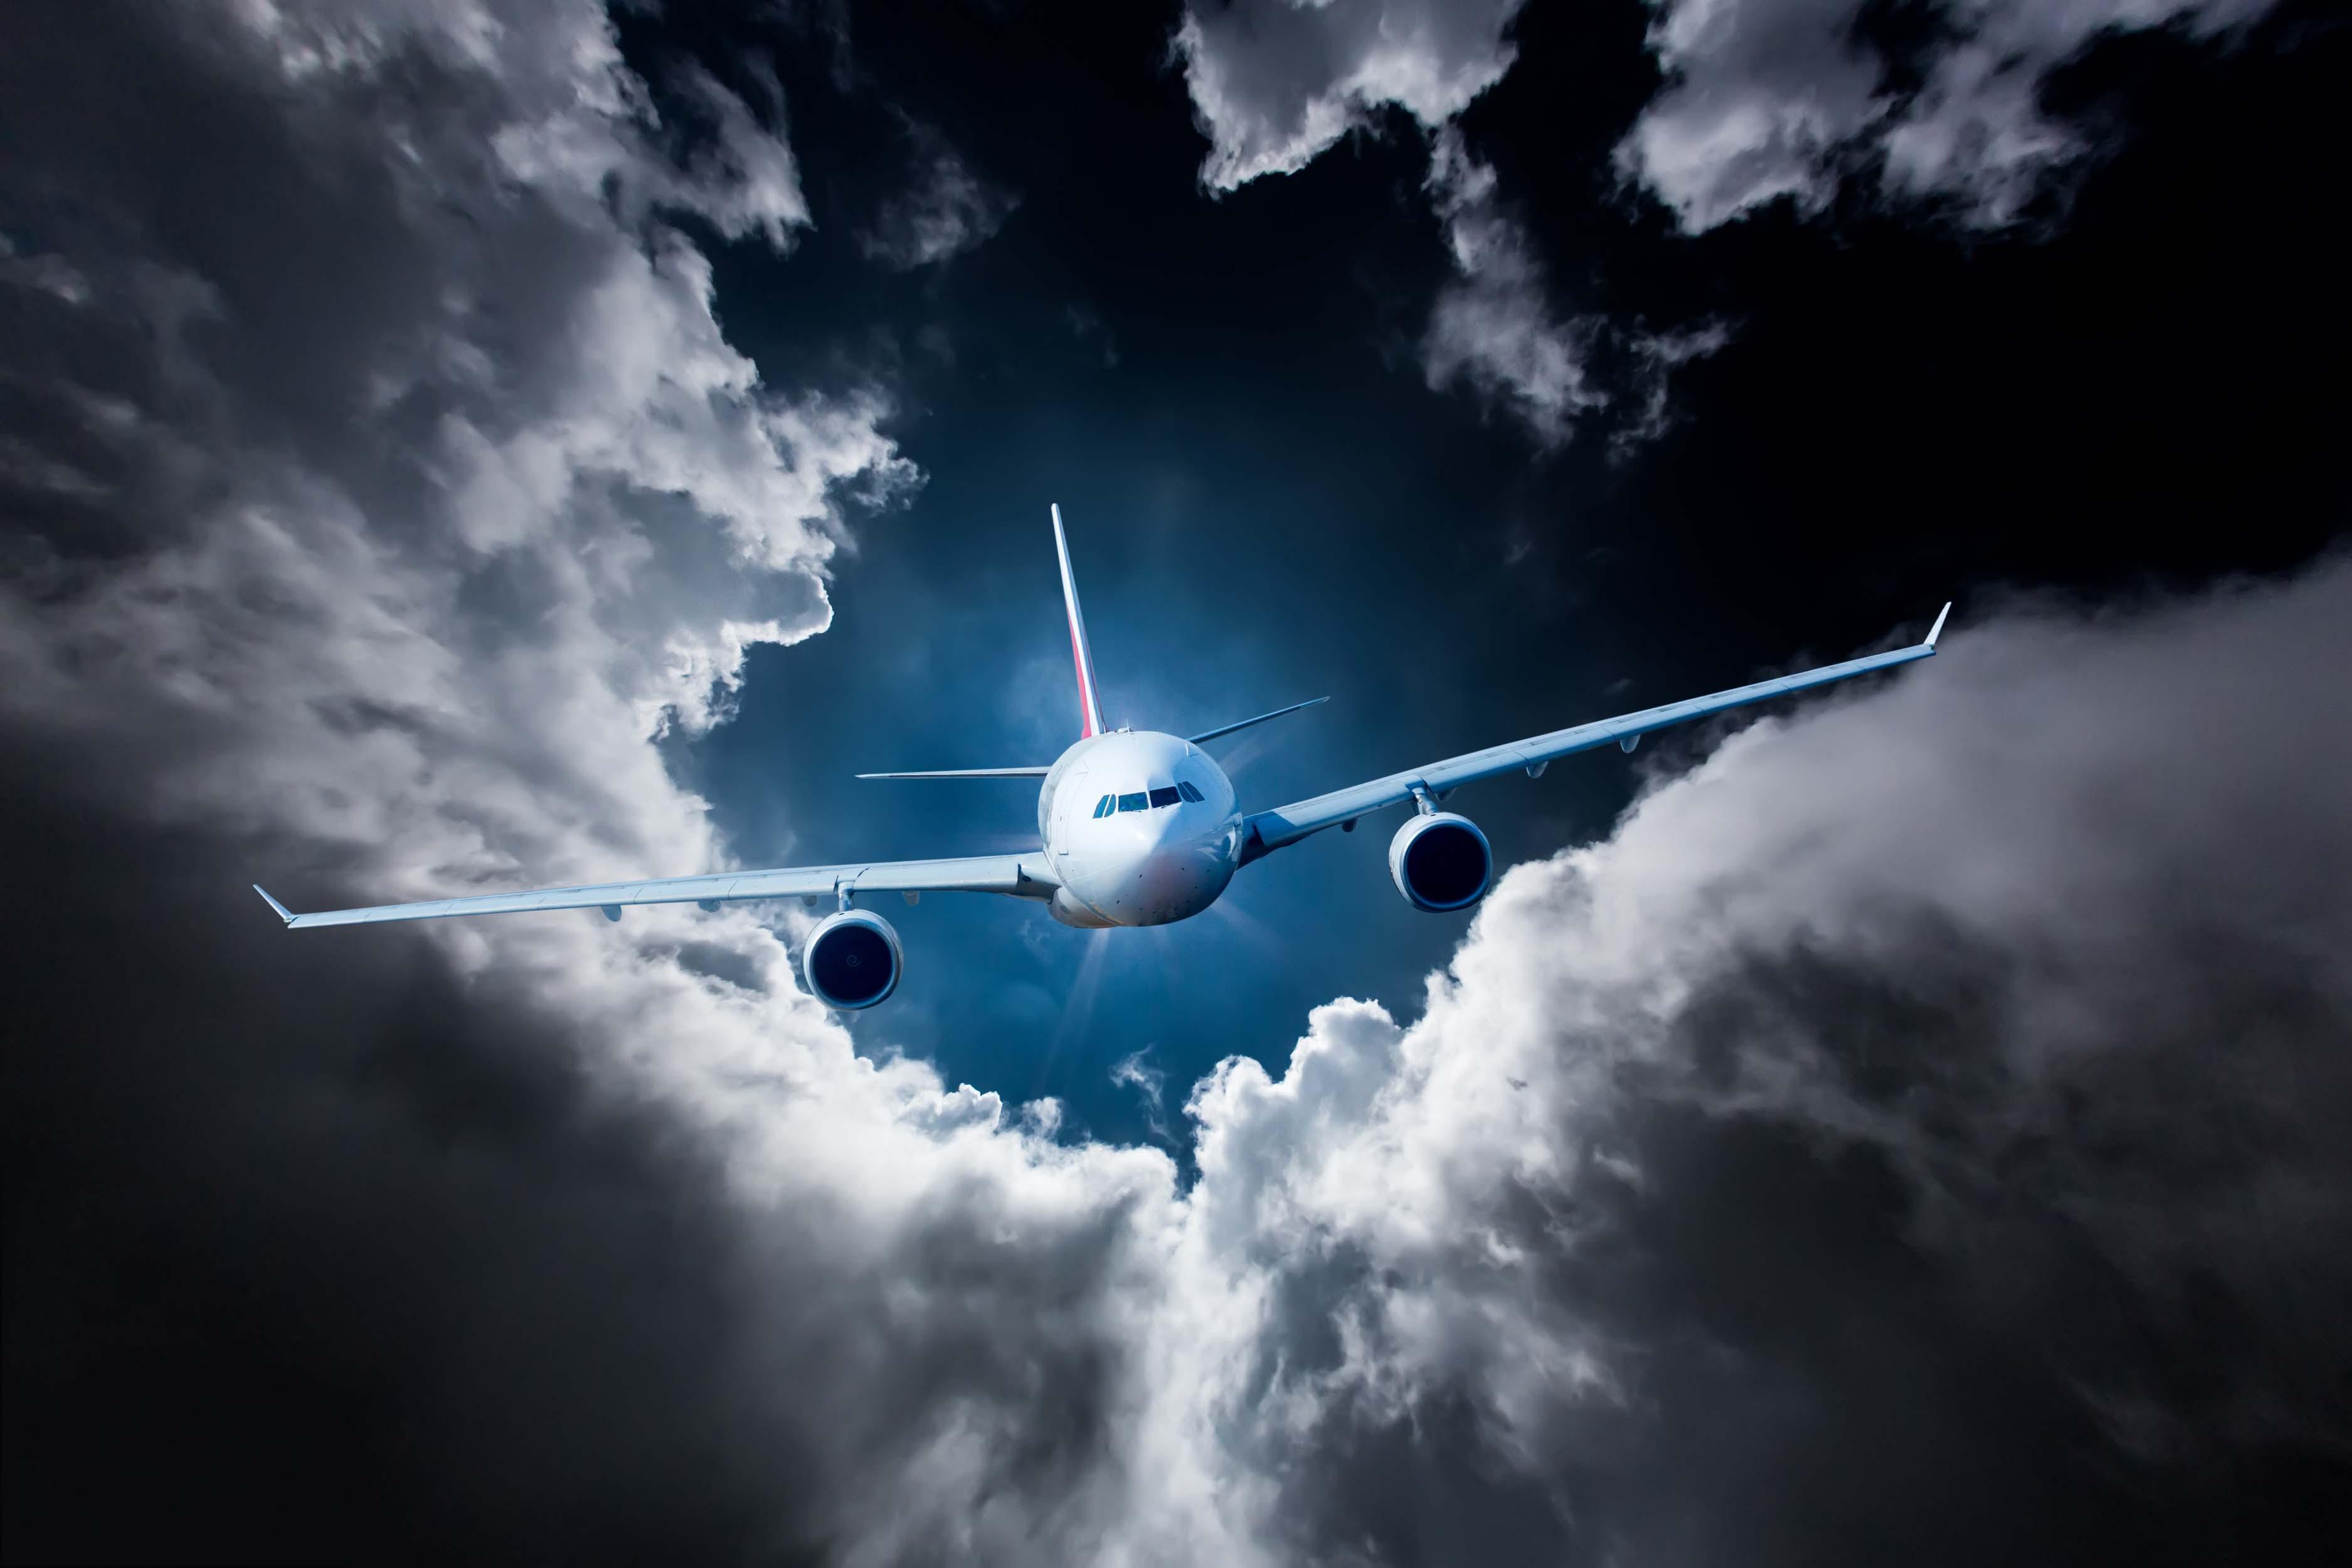 aereo-russia-donna-minaccia-farsi-esplodere